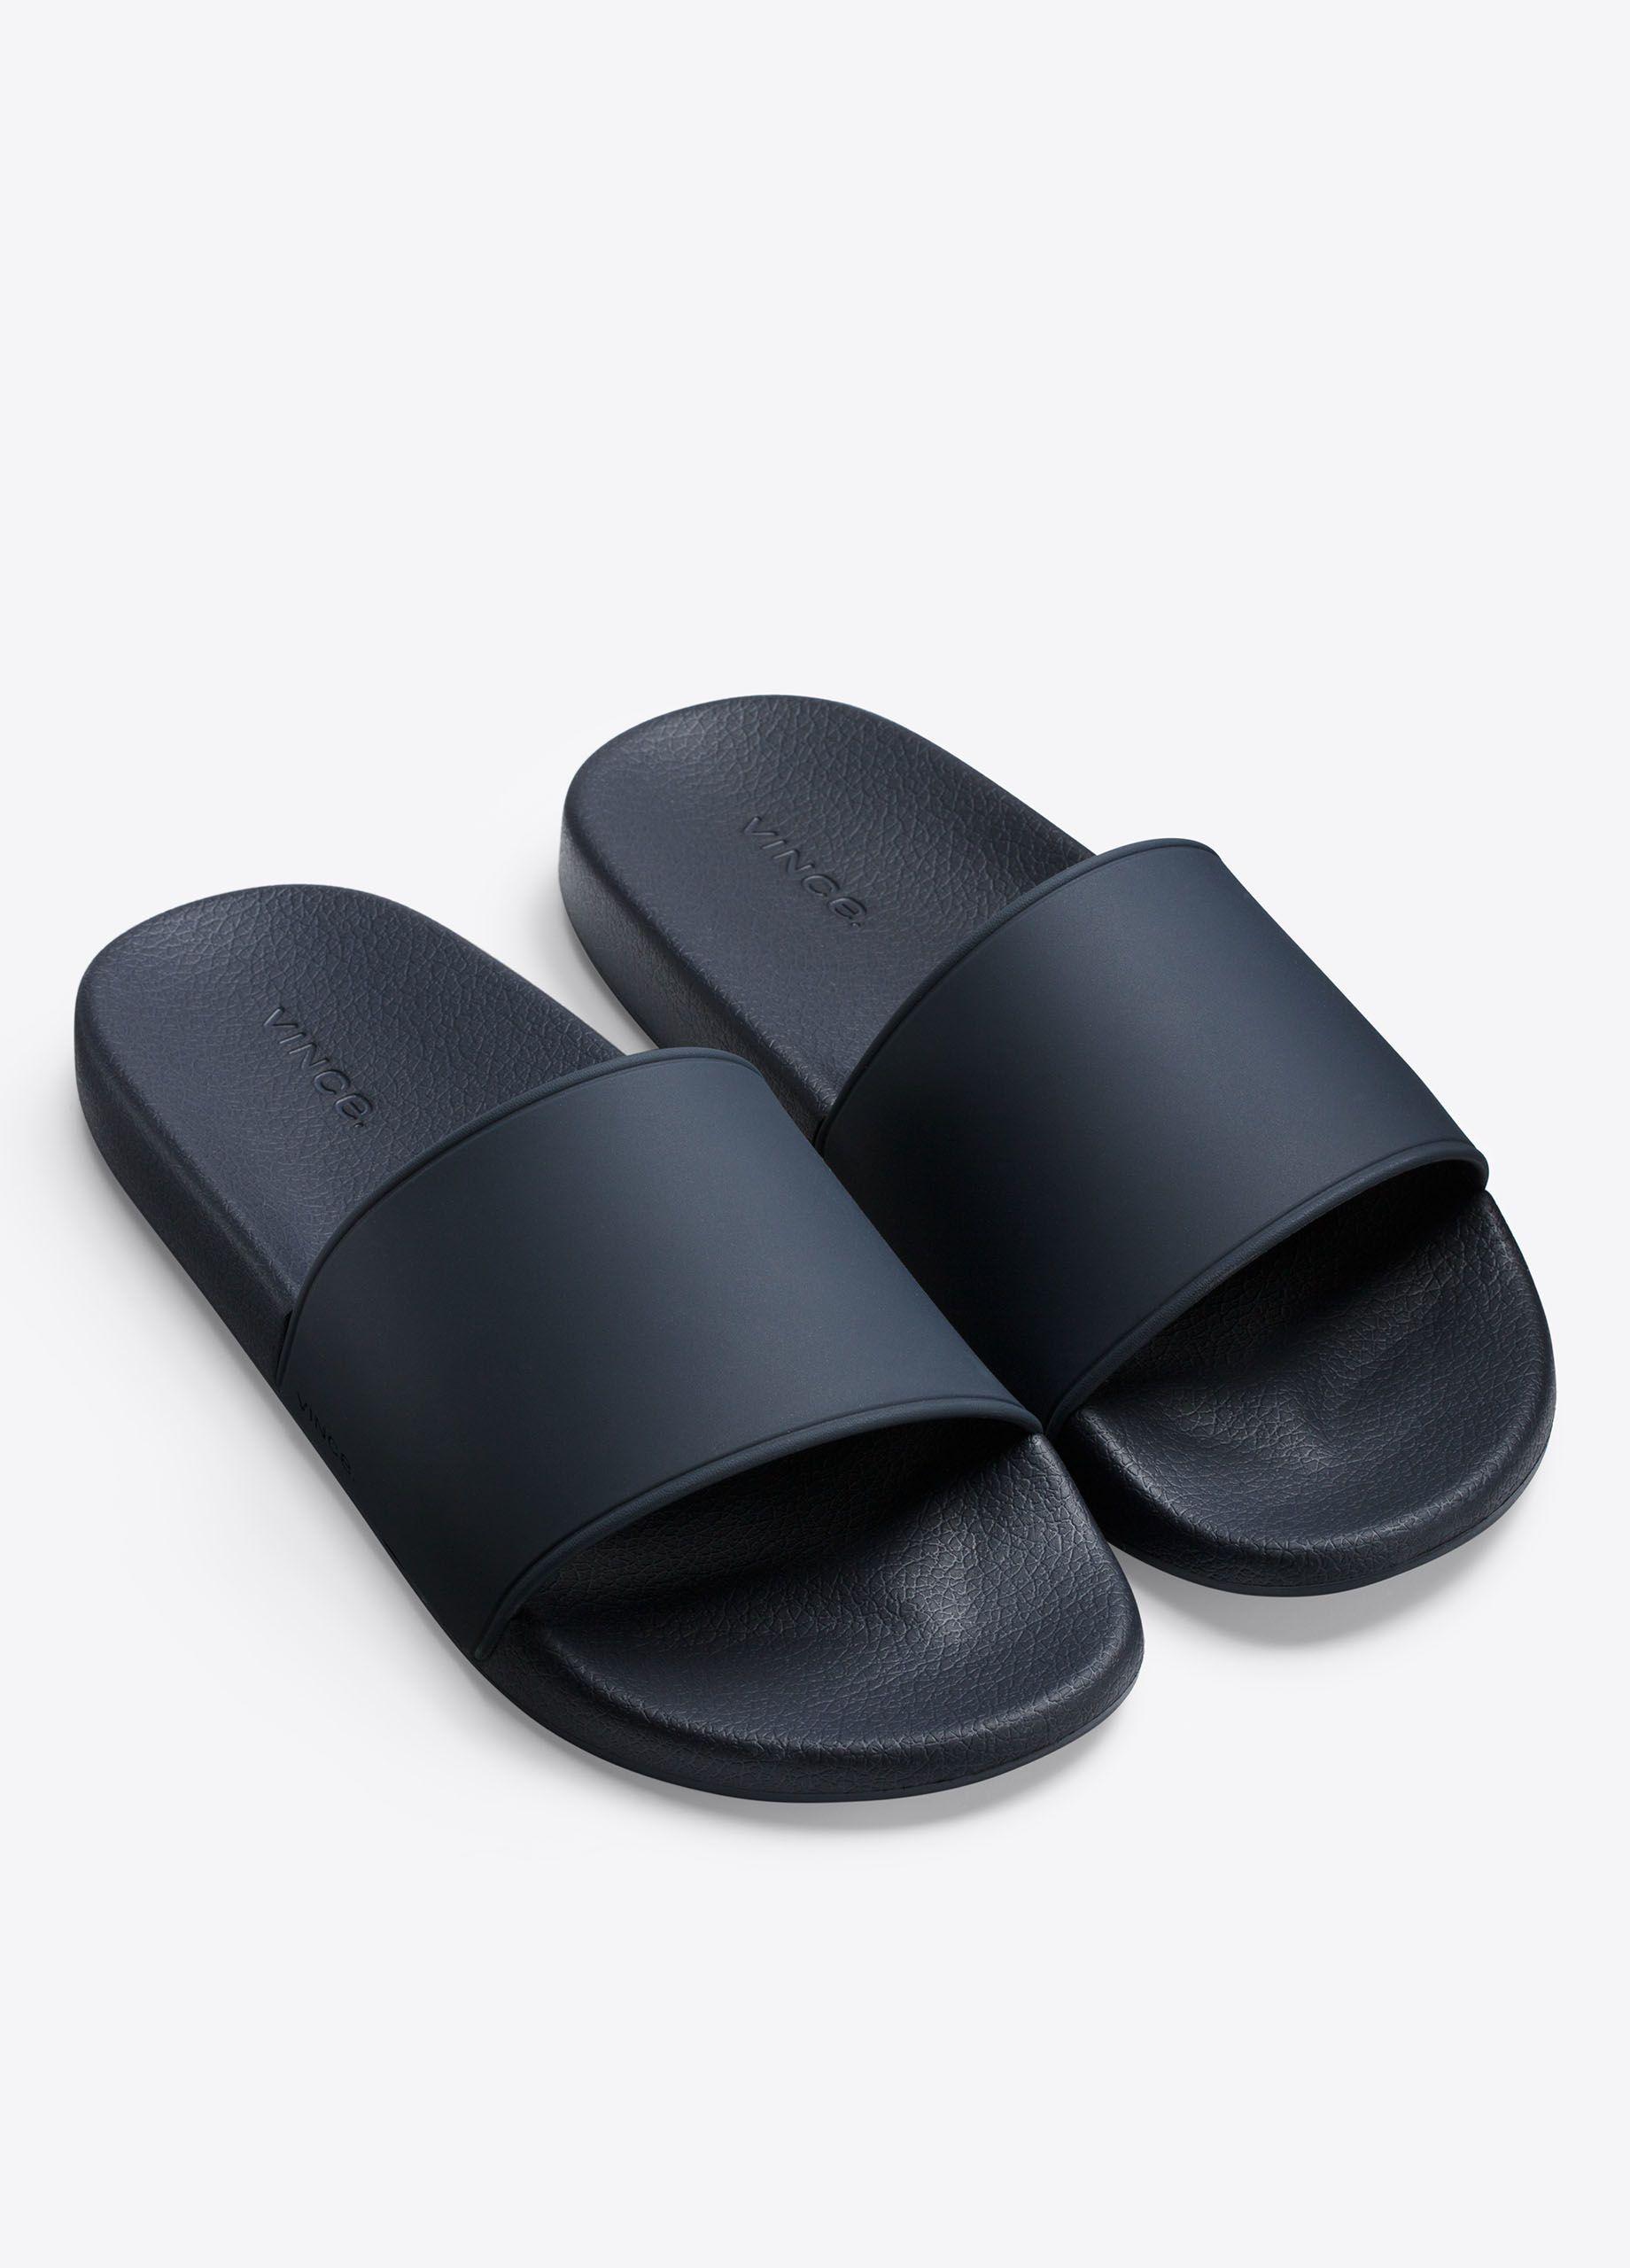 Westcoast Rubber Slide Men slides, Pool slides, Men